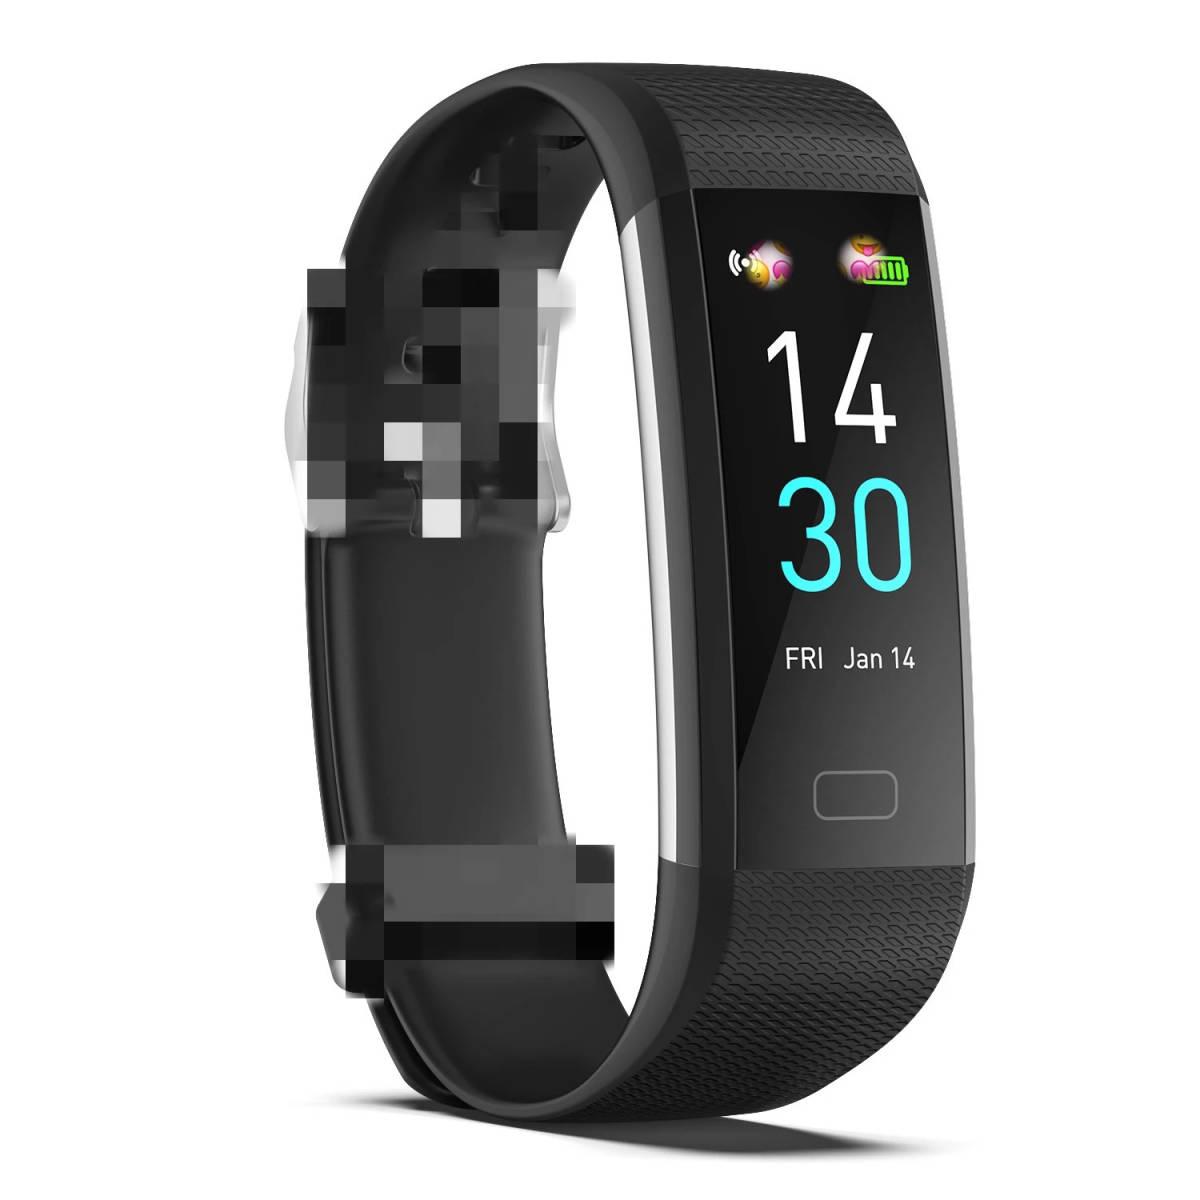 スマートバンド ブレスレット 体温測定 新品 S5スポーツスマート腕時計心拍数血圧と体温計測IP68防水ブレスレット男性 女性_画像7